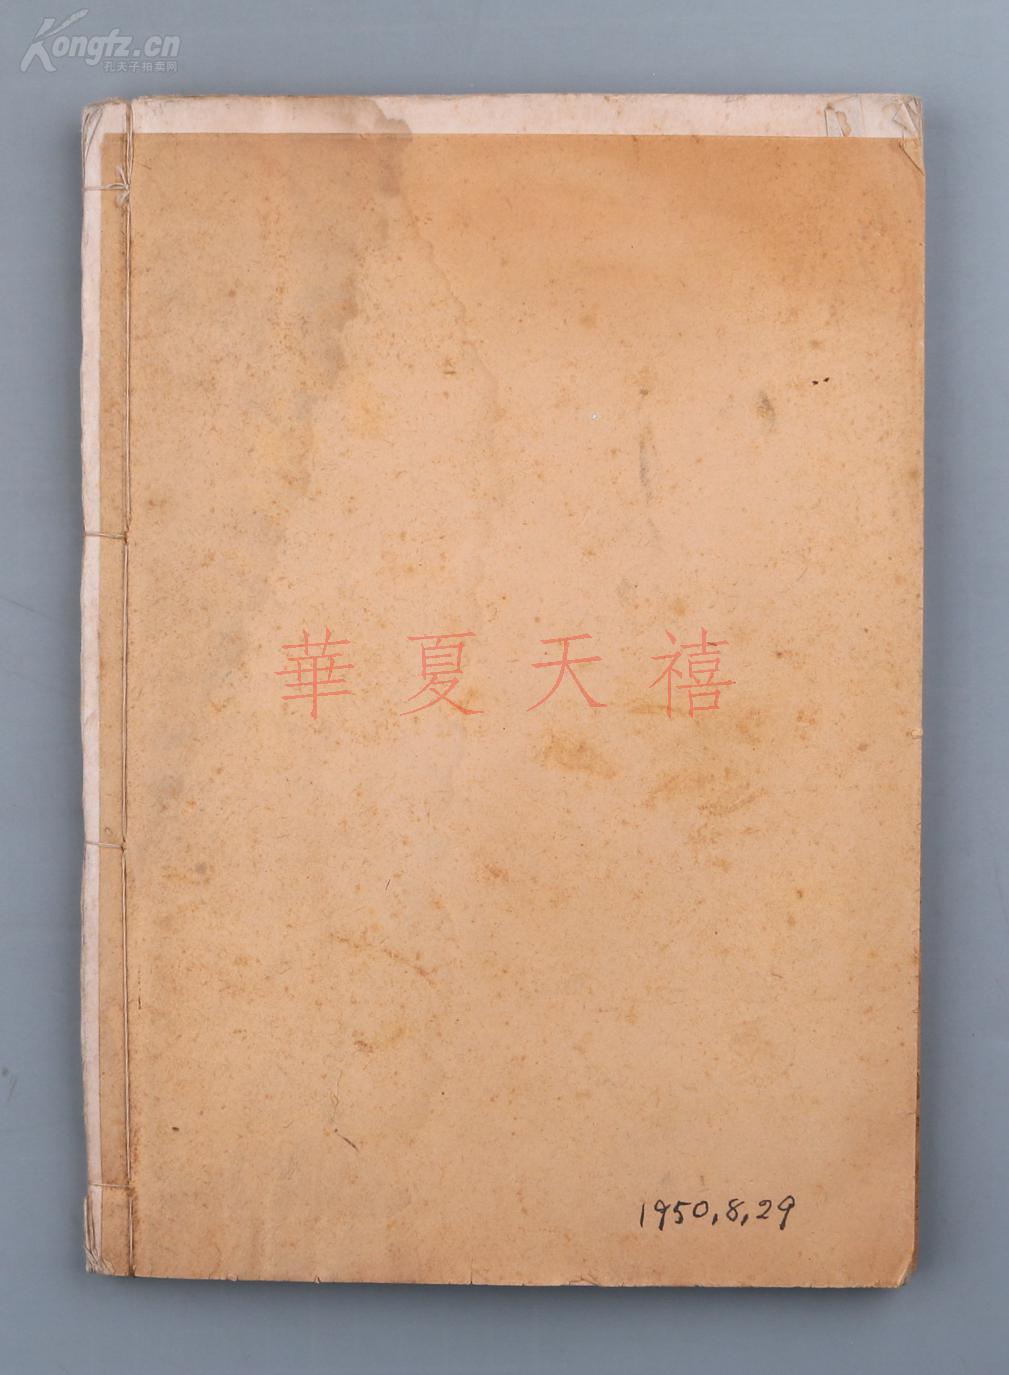 著名教育家、文字学家、历史学家林汉达195故事亲子的初中生图片